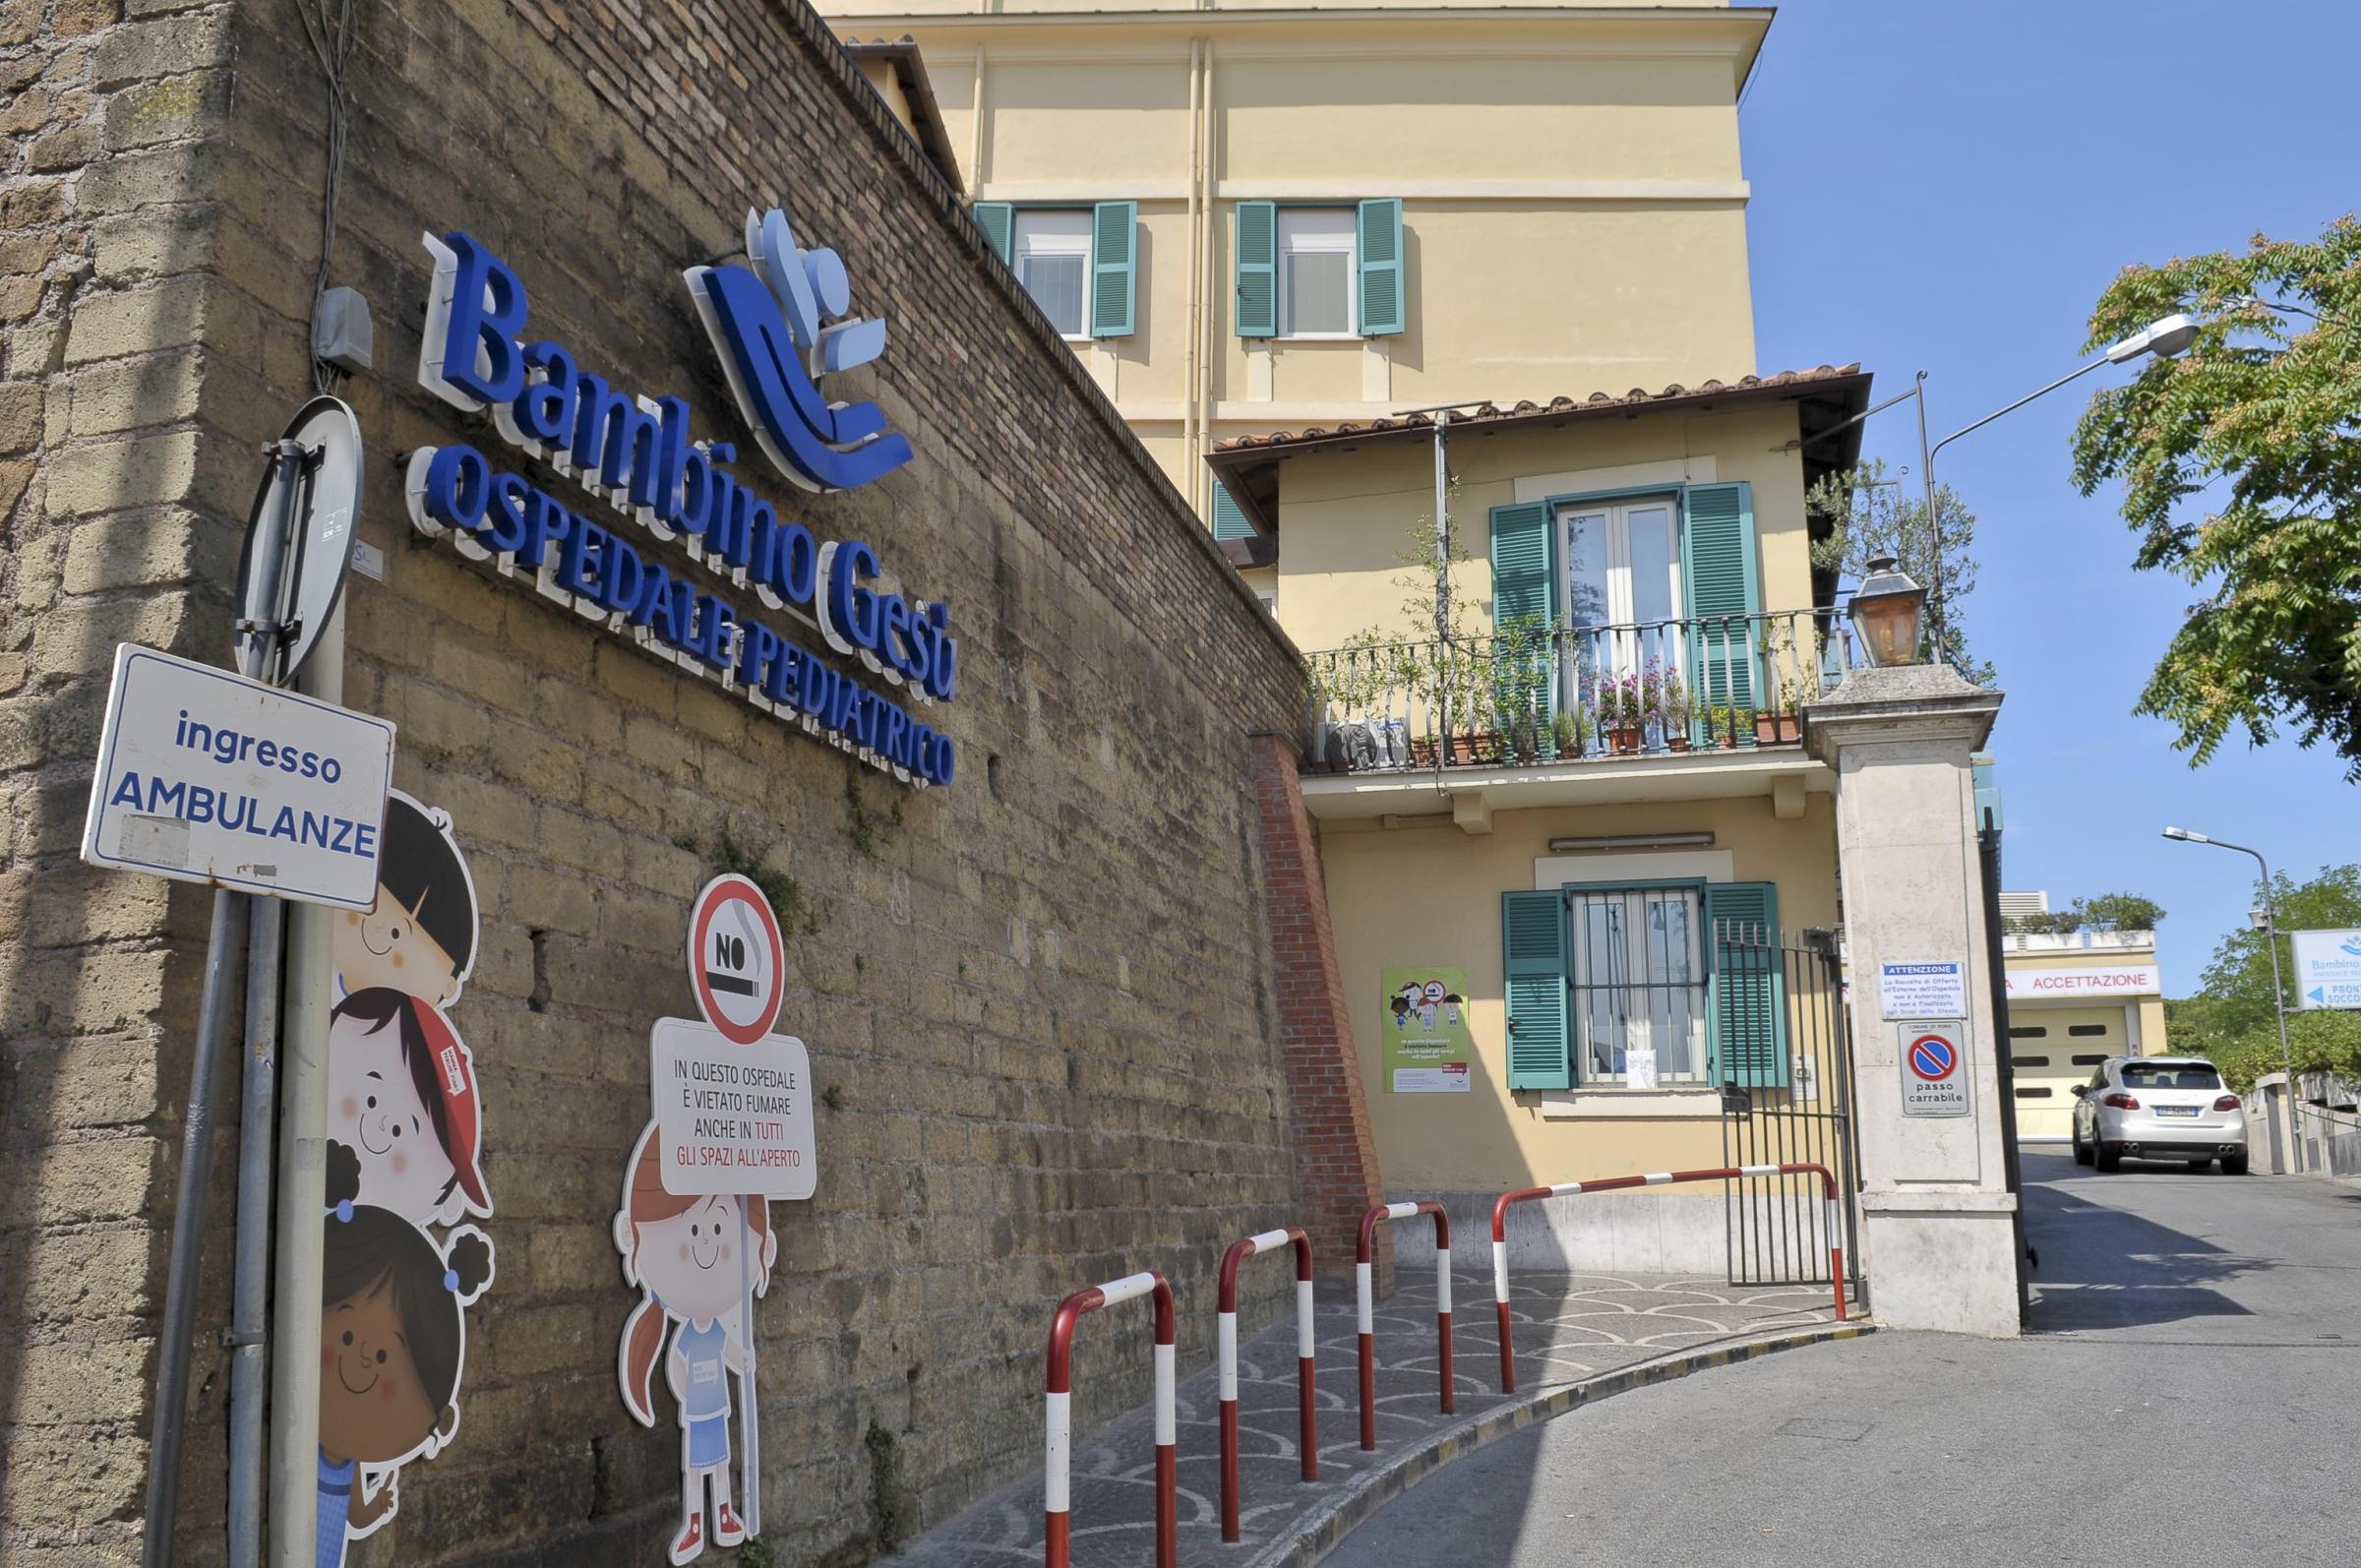 Orrore a Roma: madre tenta di avvelenare figlia di 3 anni con psicofarmaci